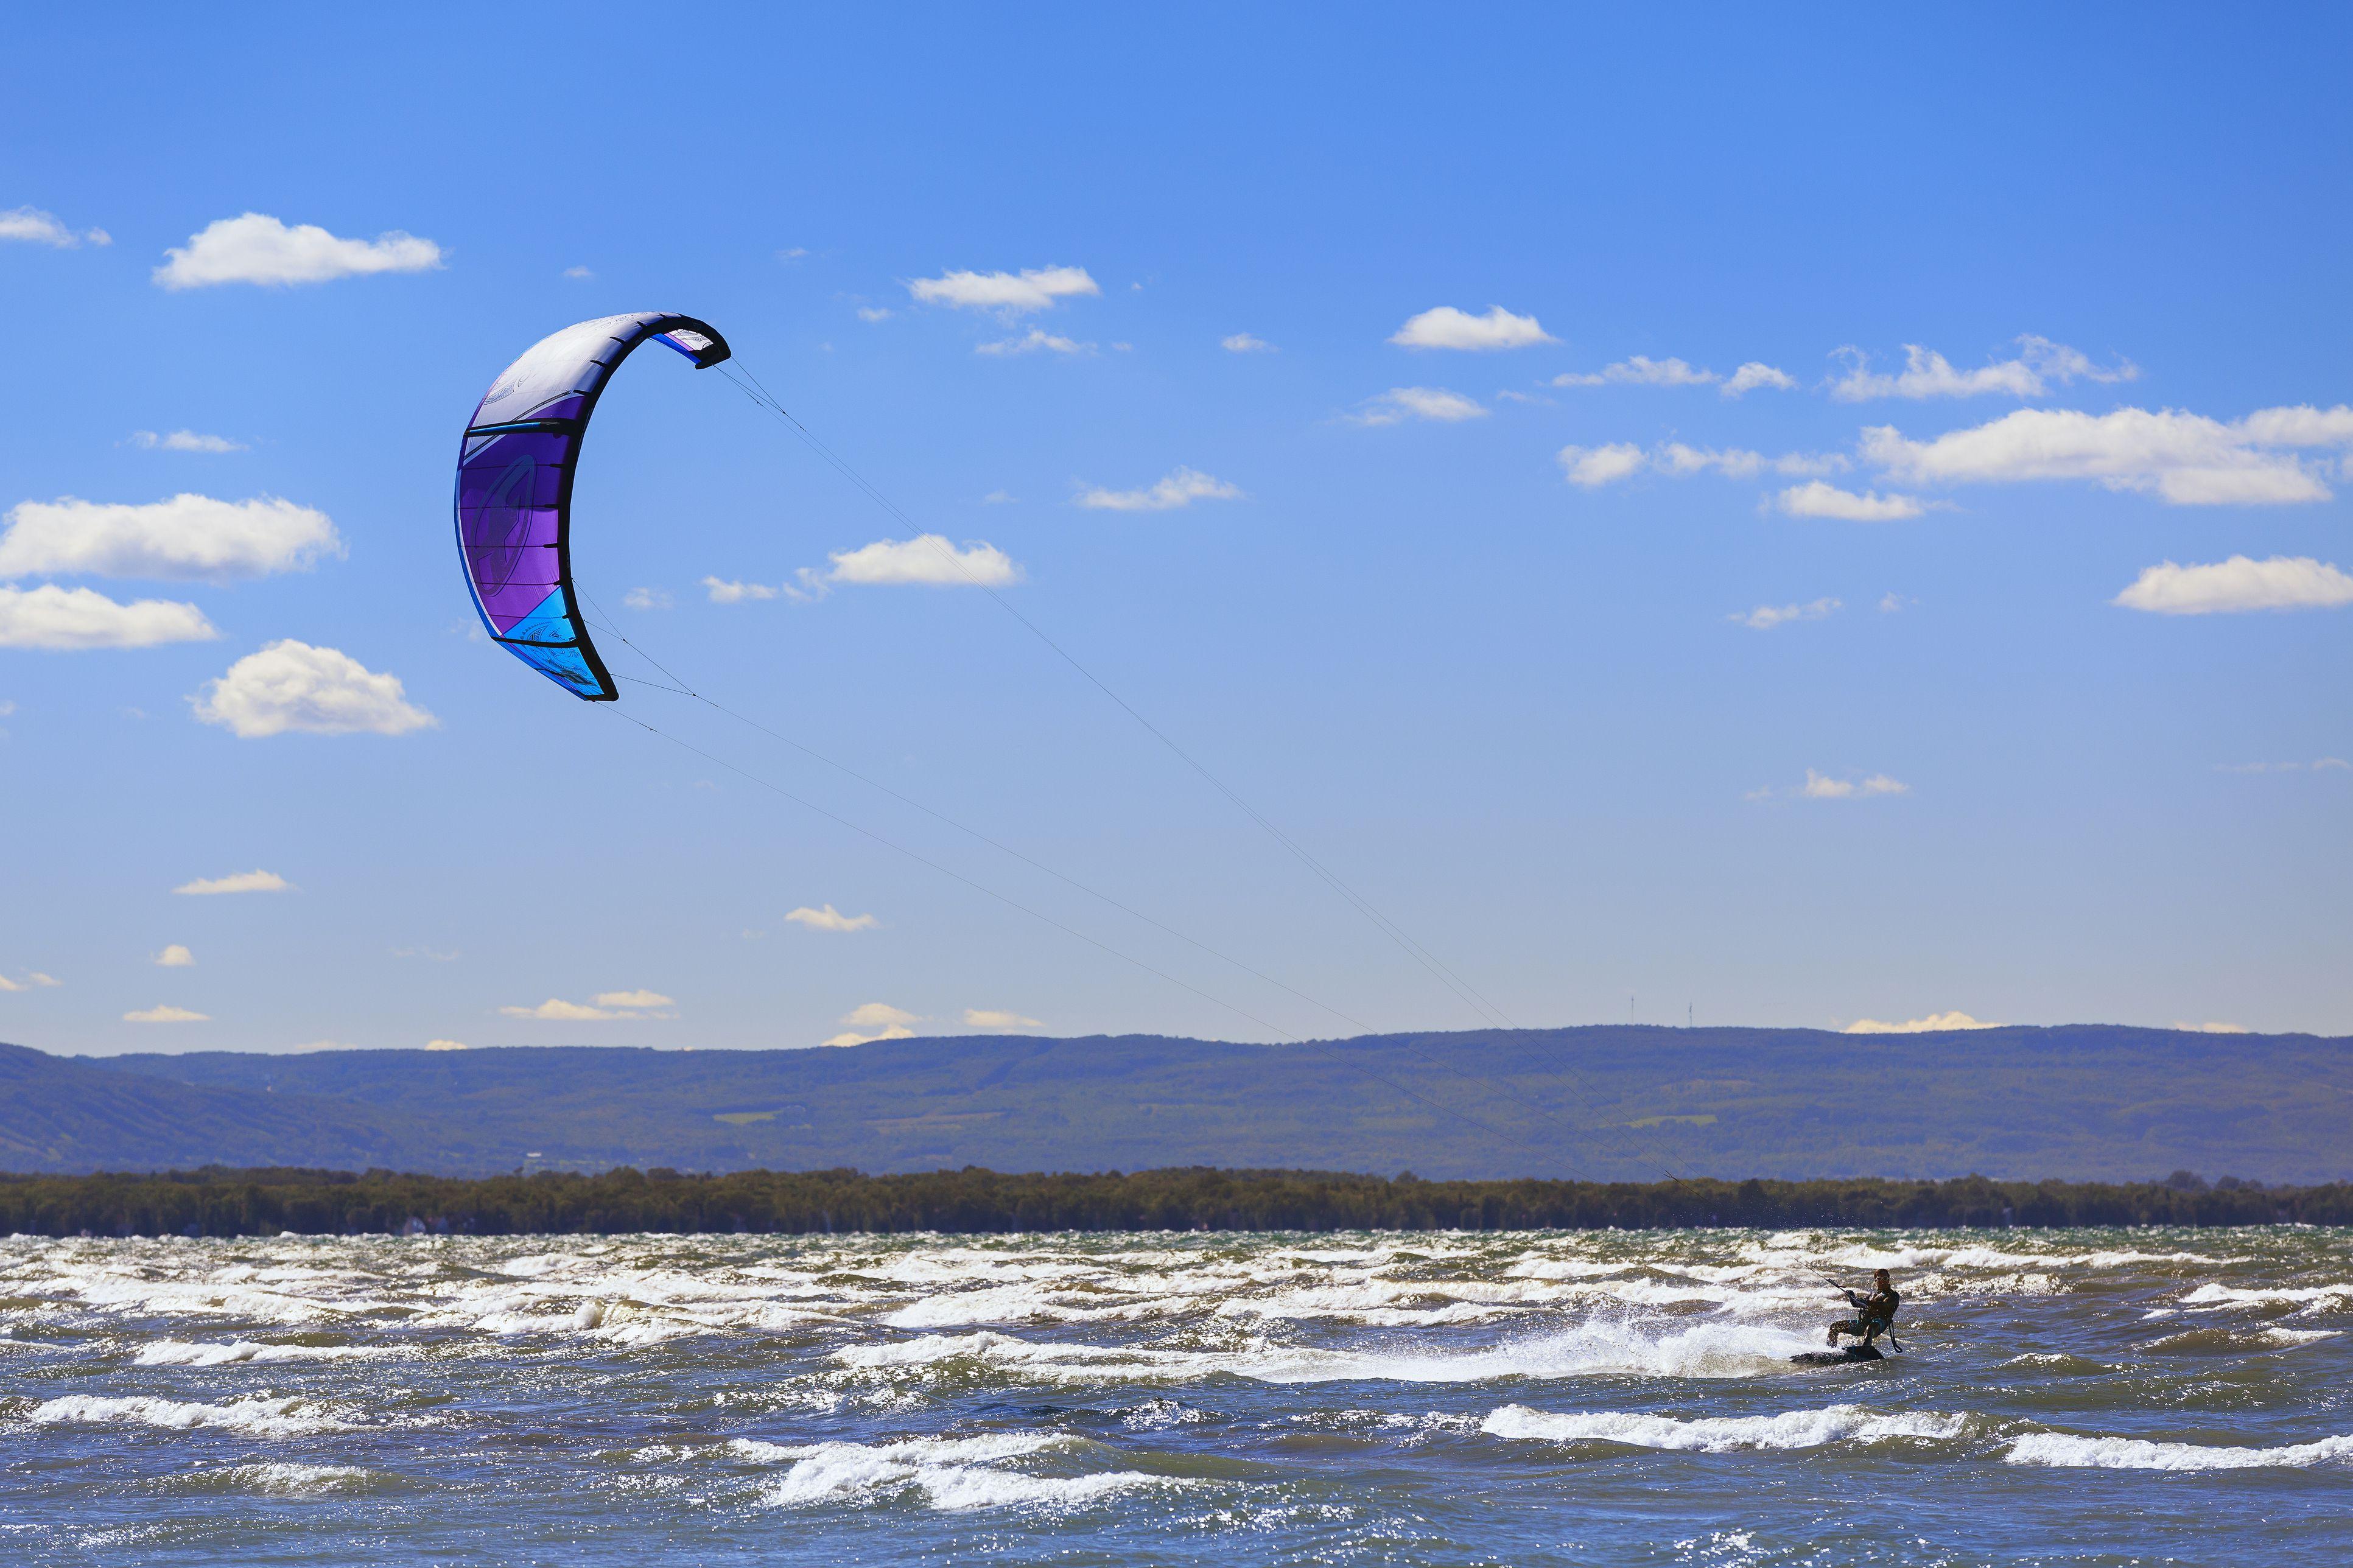 Kiteboarder at Wasaga Beach, Lake Huron, Ontario, Canada